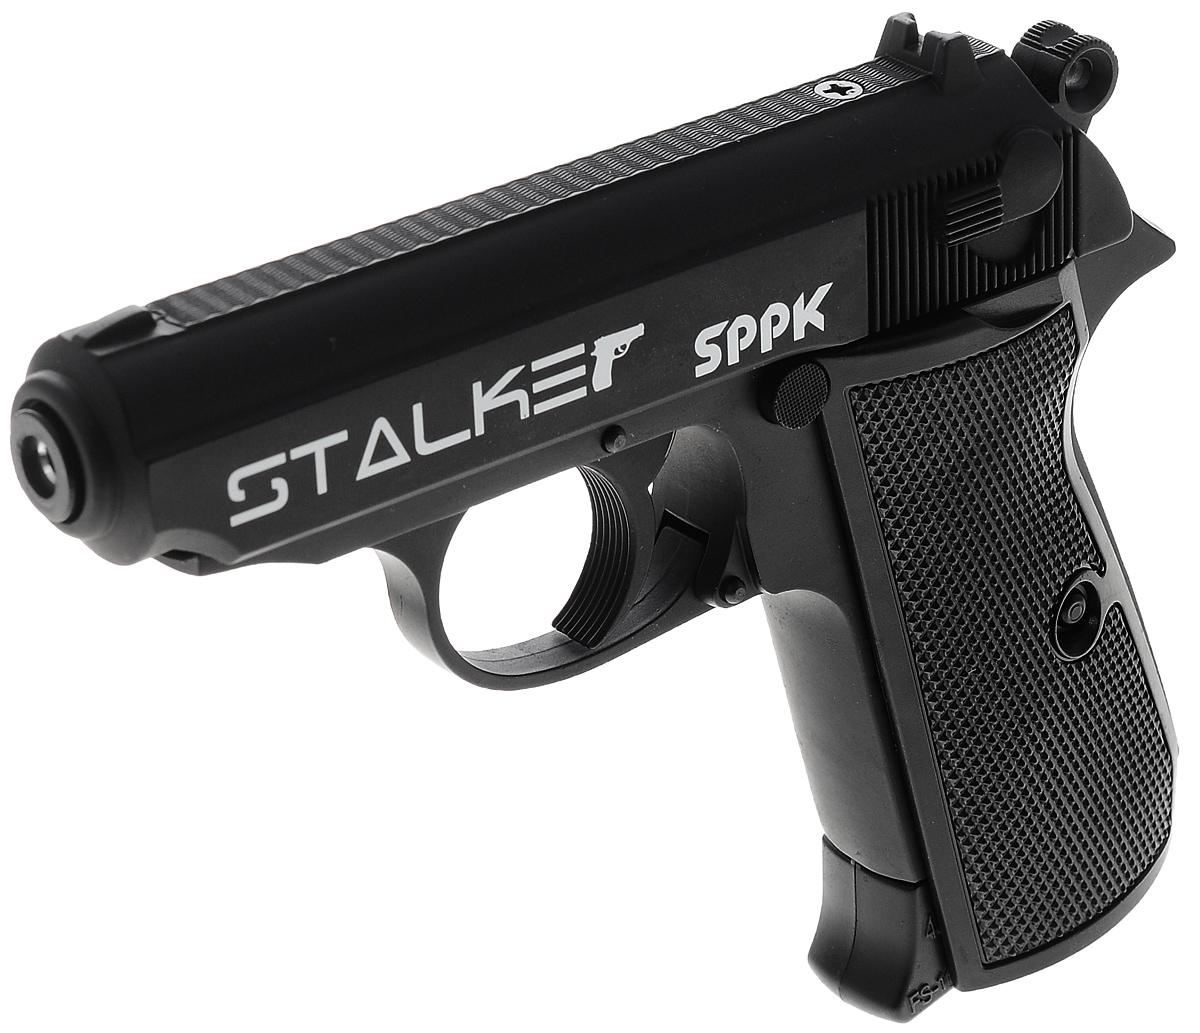 Пистолет пневматический Stalker SPPK, цвет: черный пневматический пистолет glock в минске